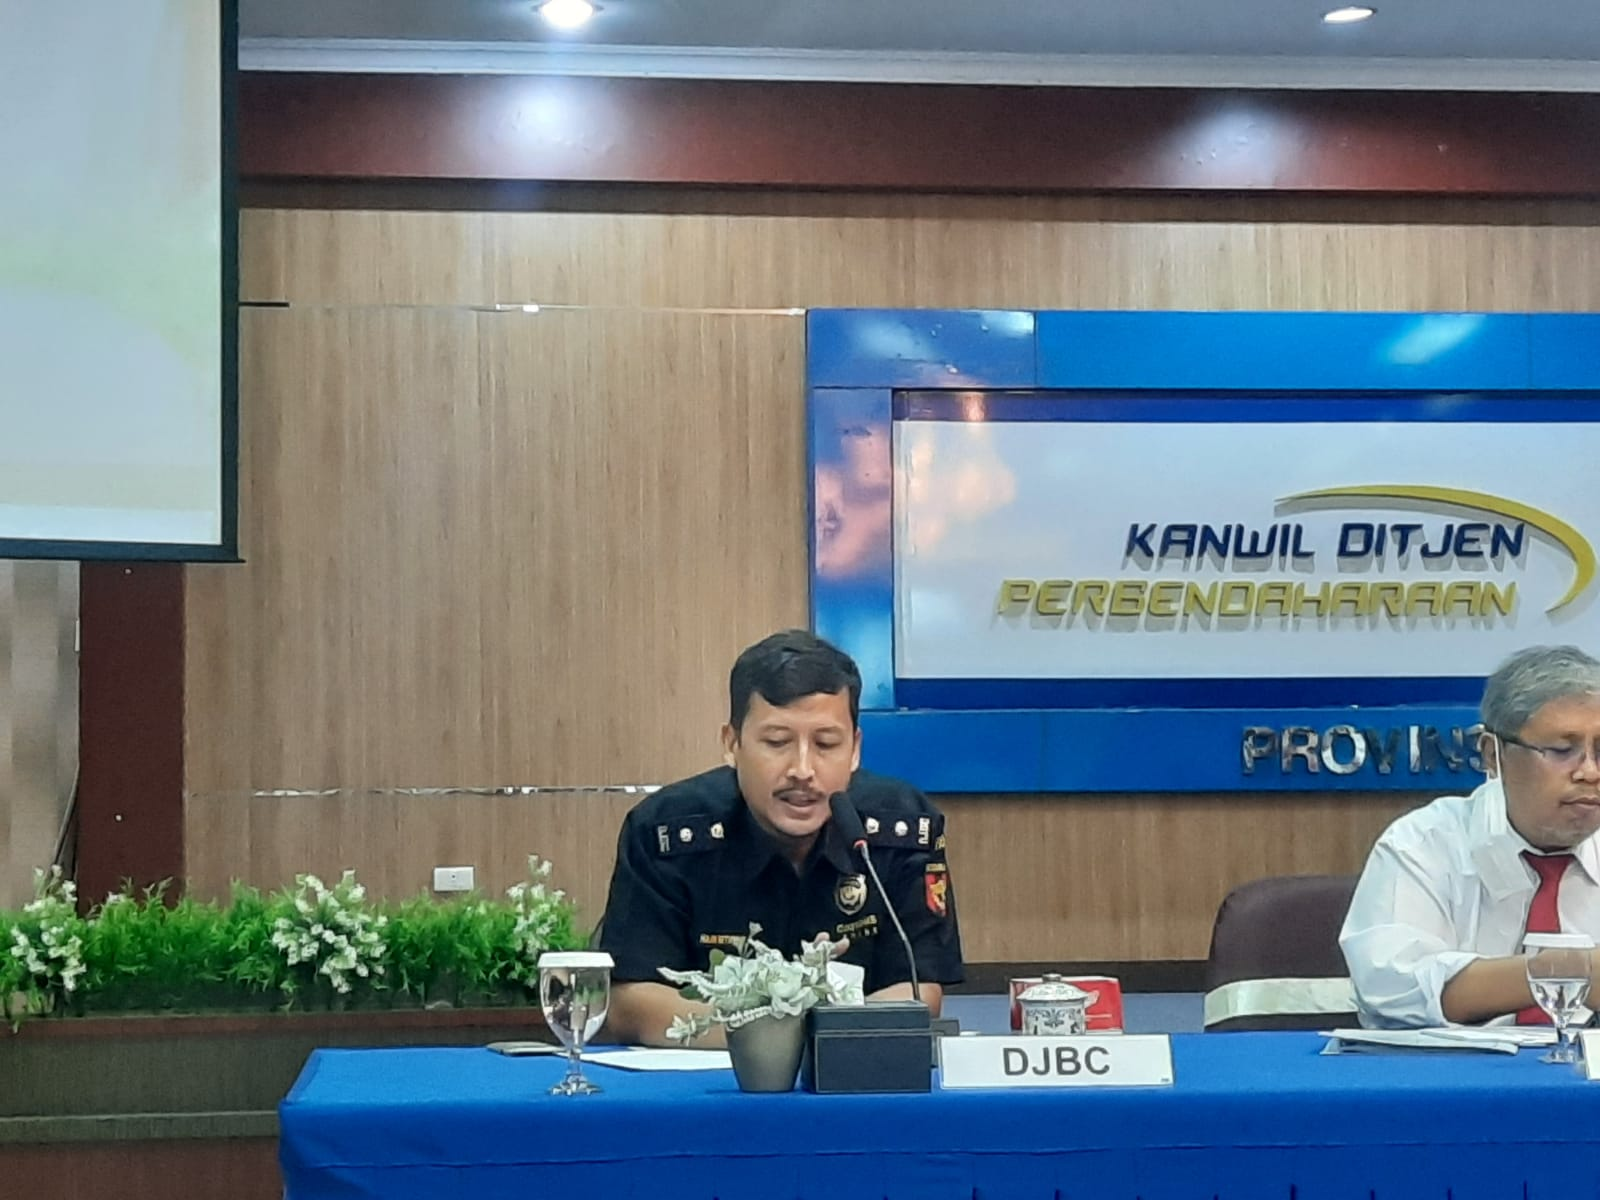 Didorong Kenaikan Harga CPO, DJBC Riau Catat Penerimaan Kepabeanan Rp8,11 Triliun